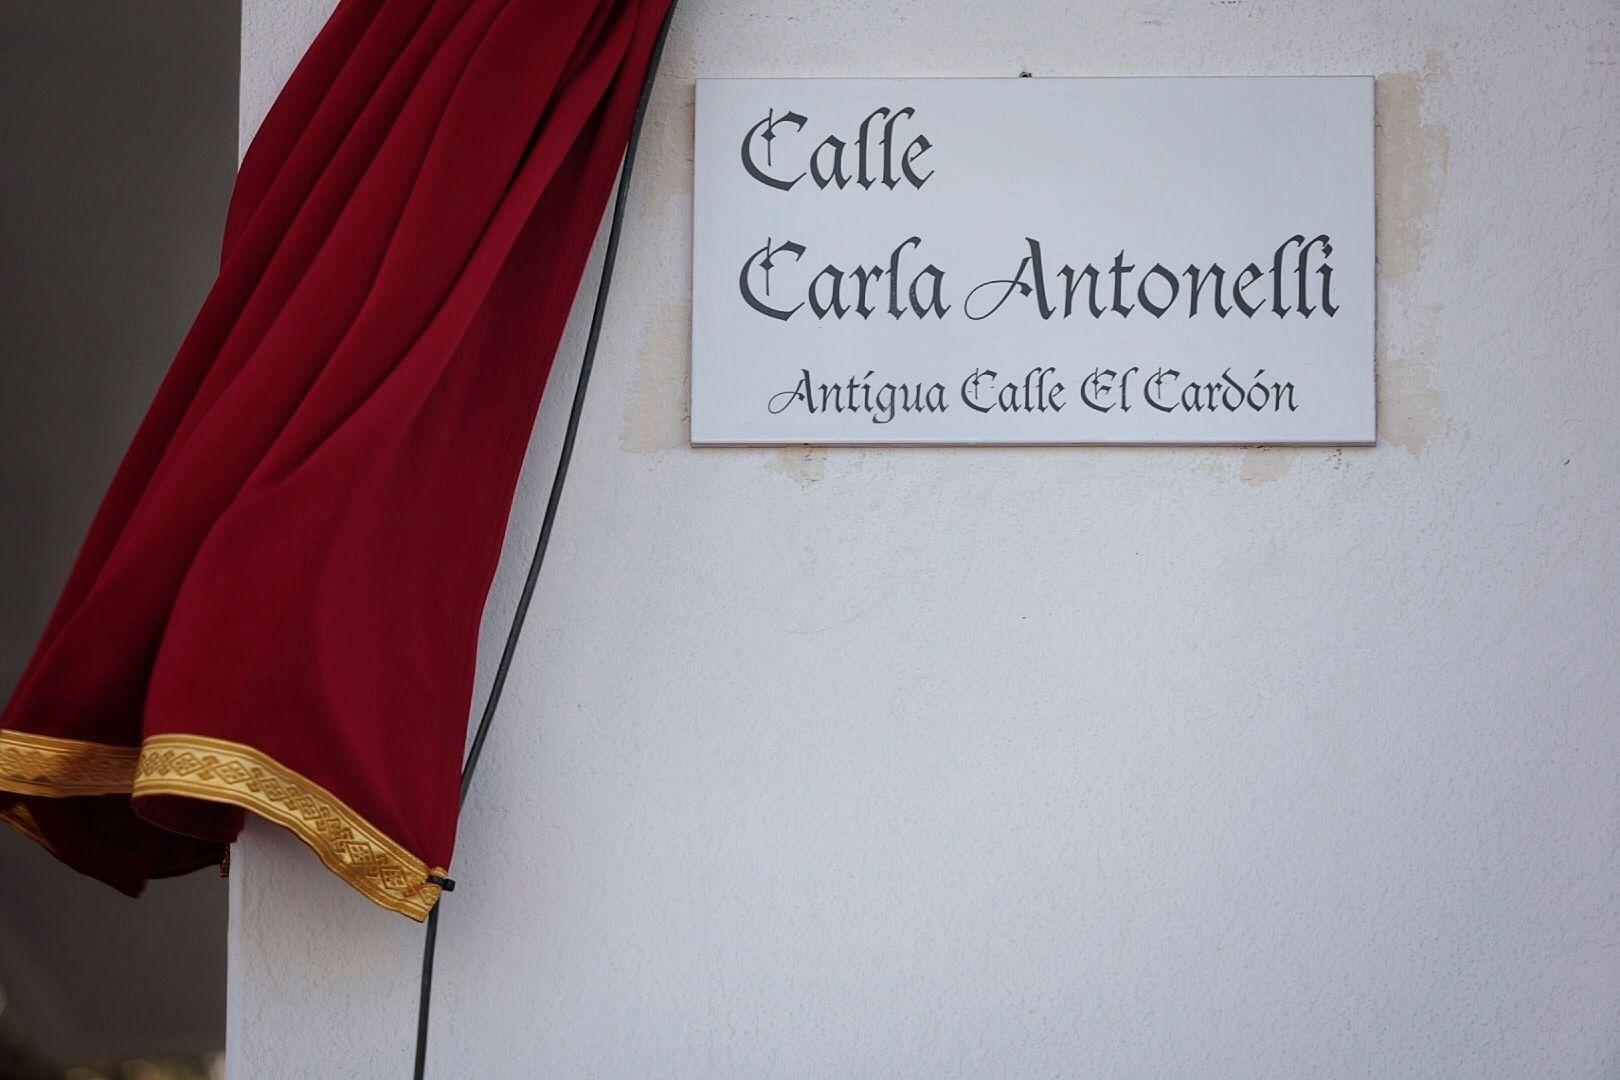 Rotulación de la calle Carla Antonelli